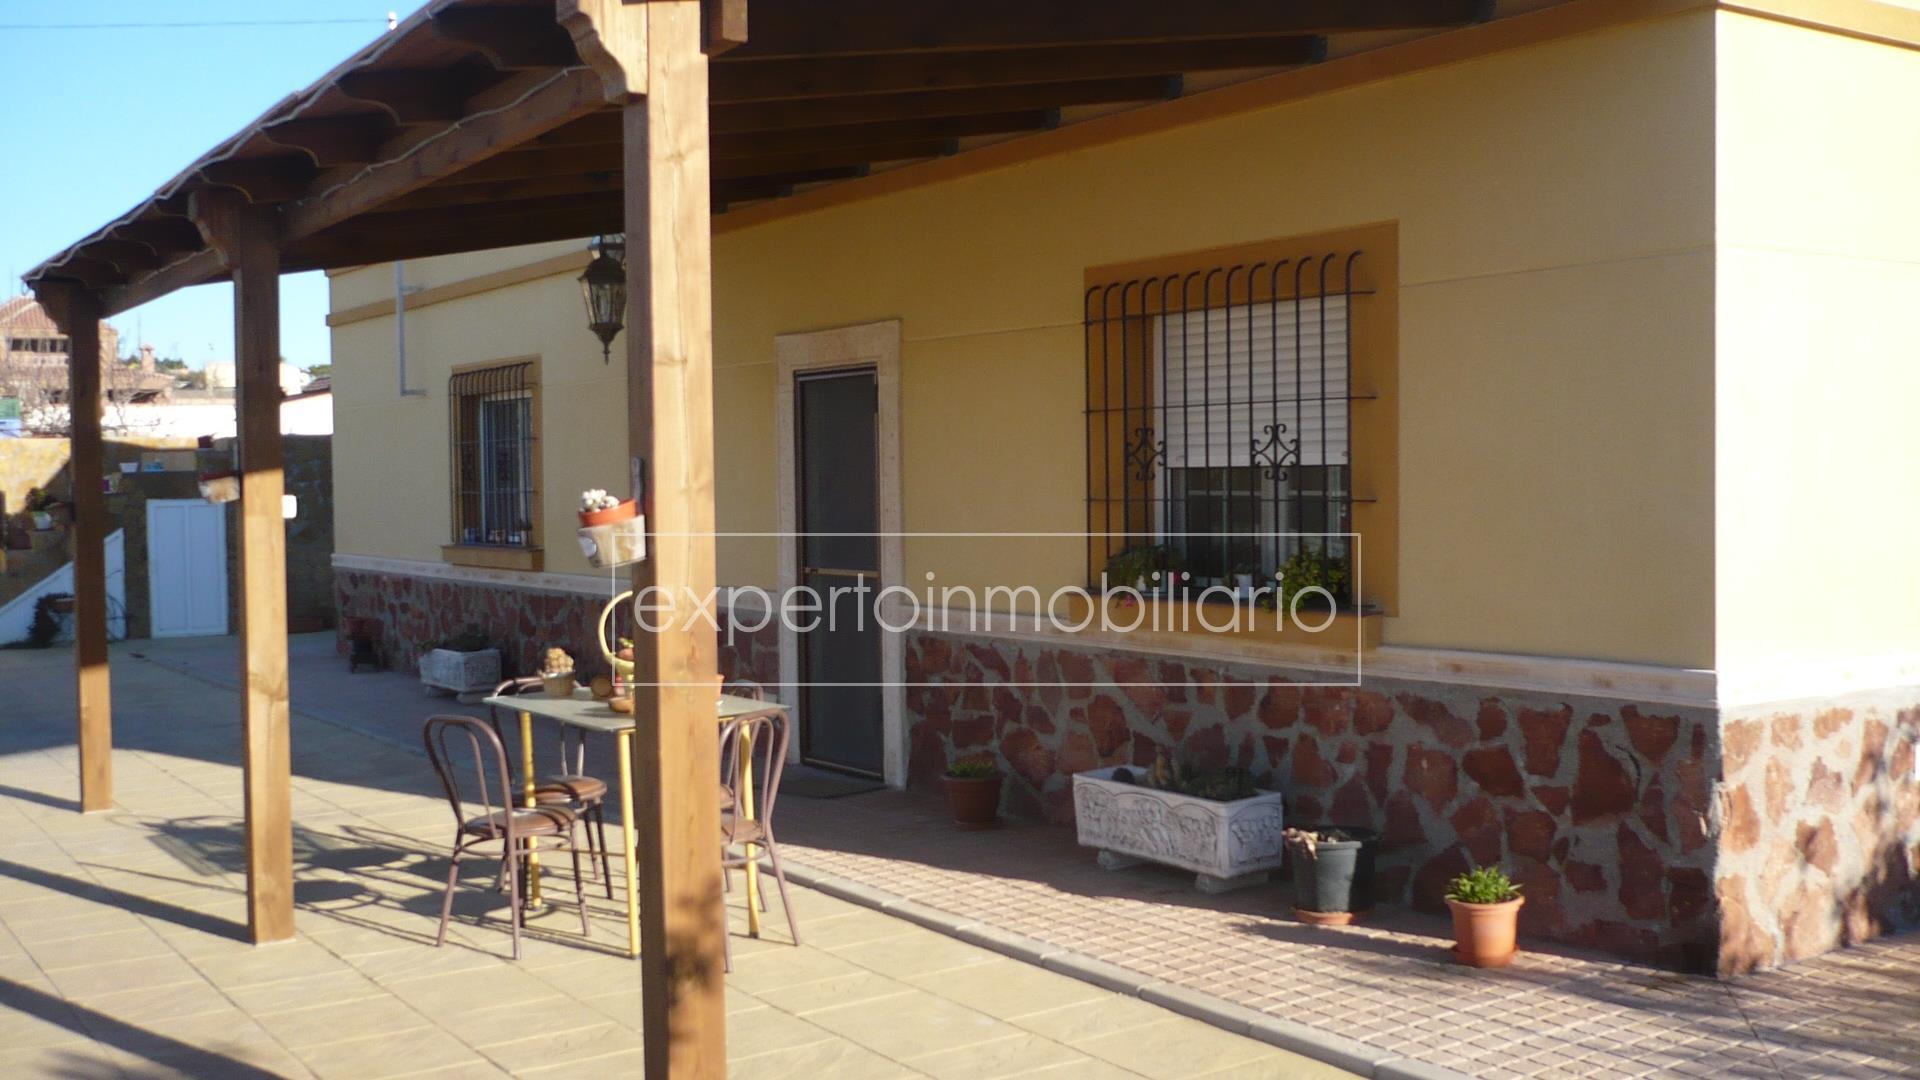 Casa en almer a almer a ref ca9568 for Casa ciudad jardin almeria